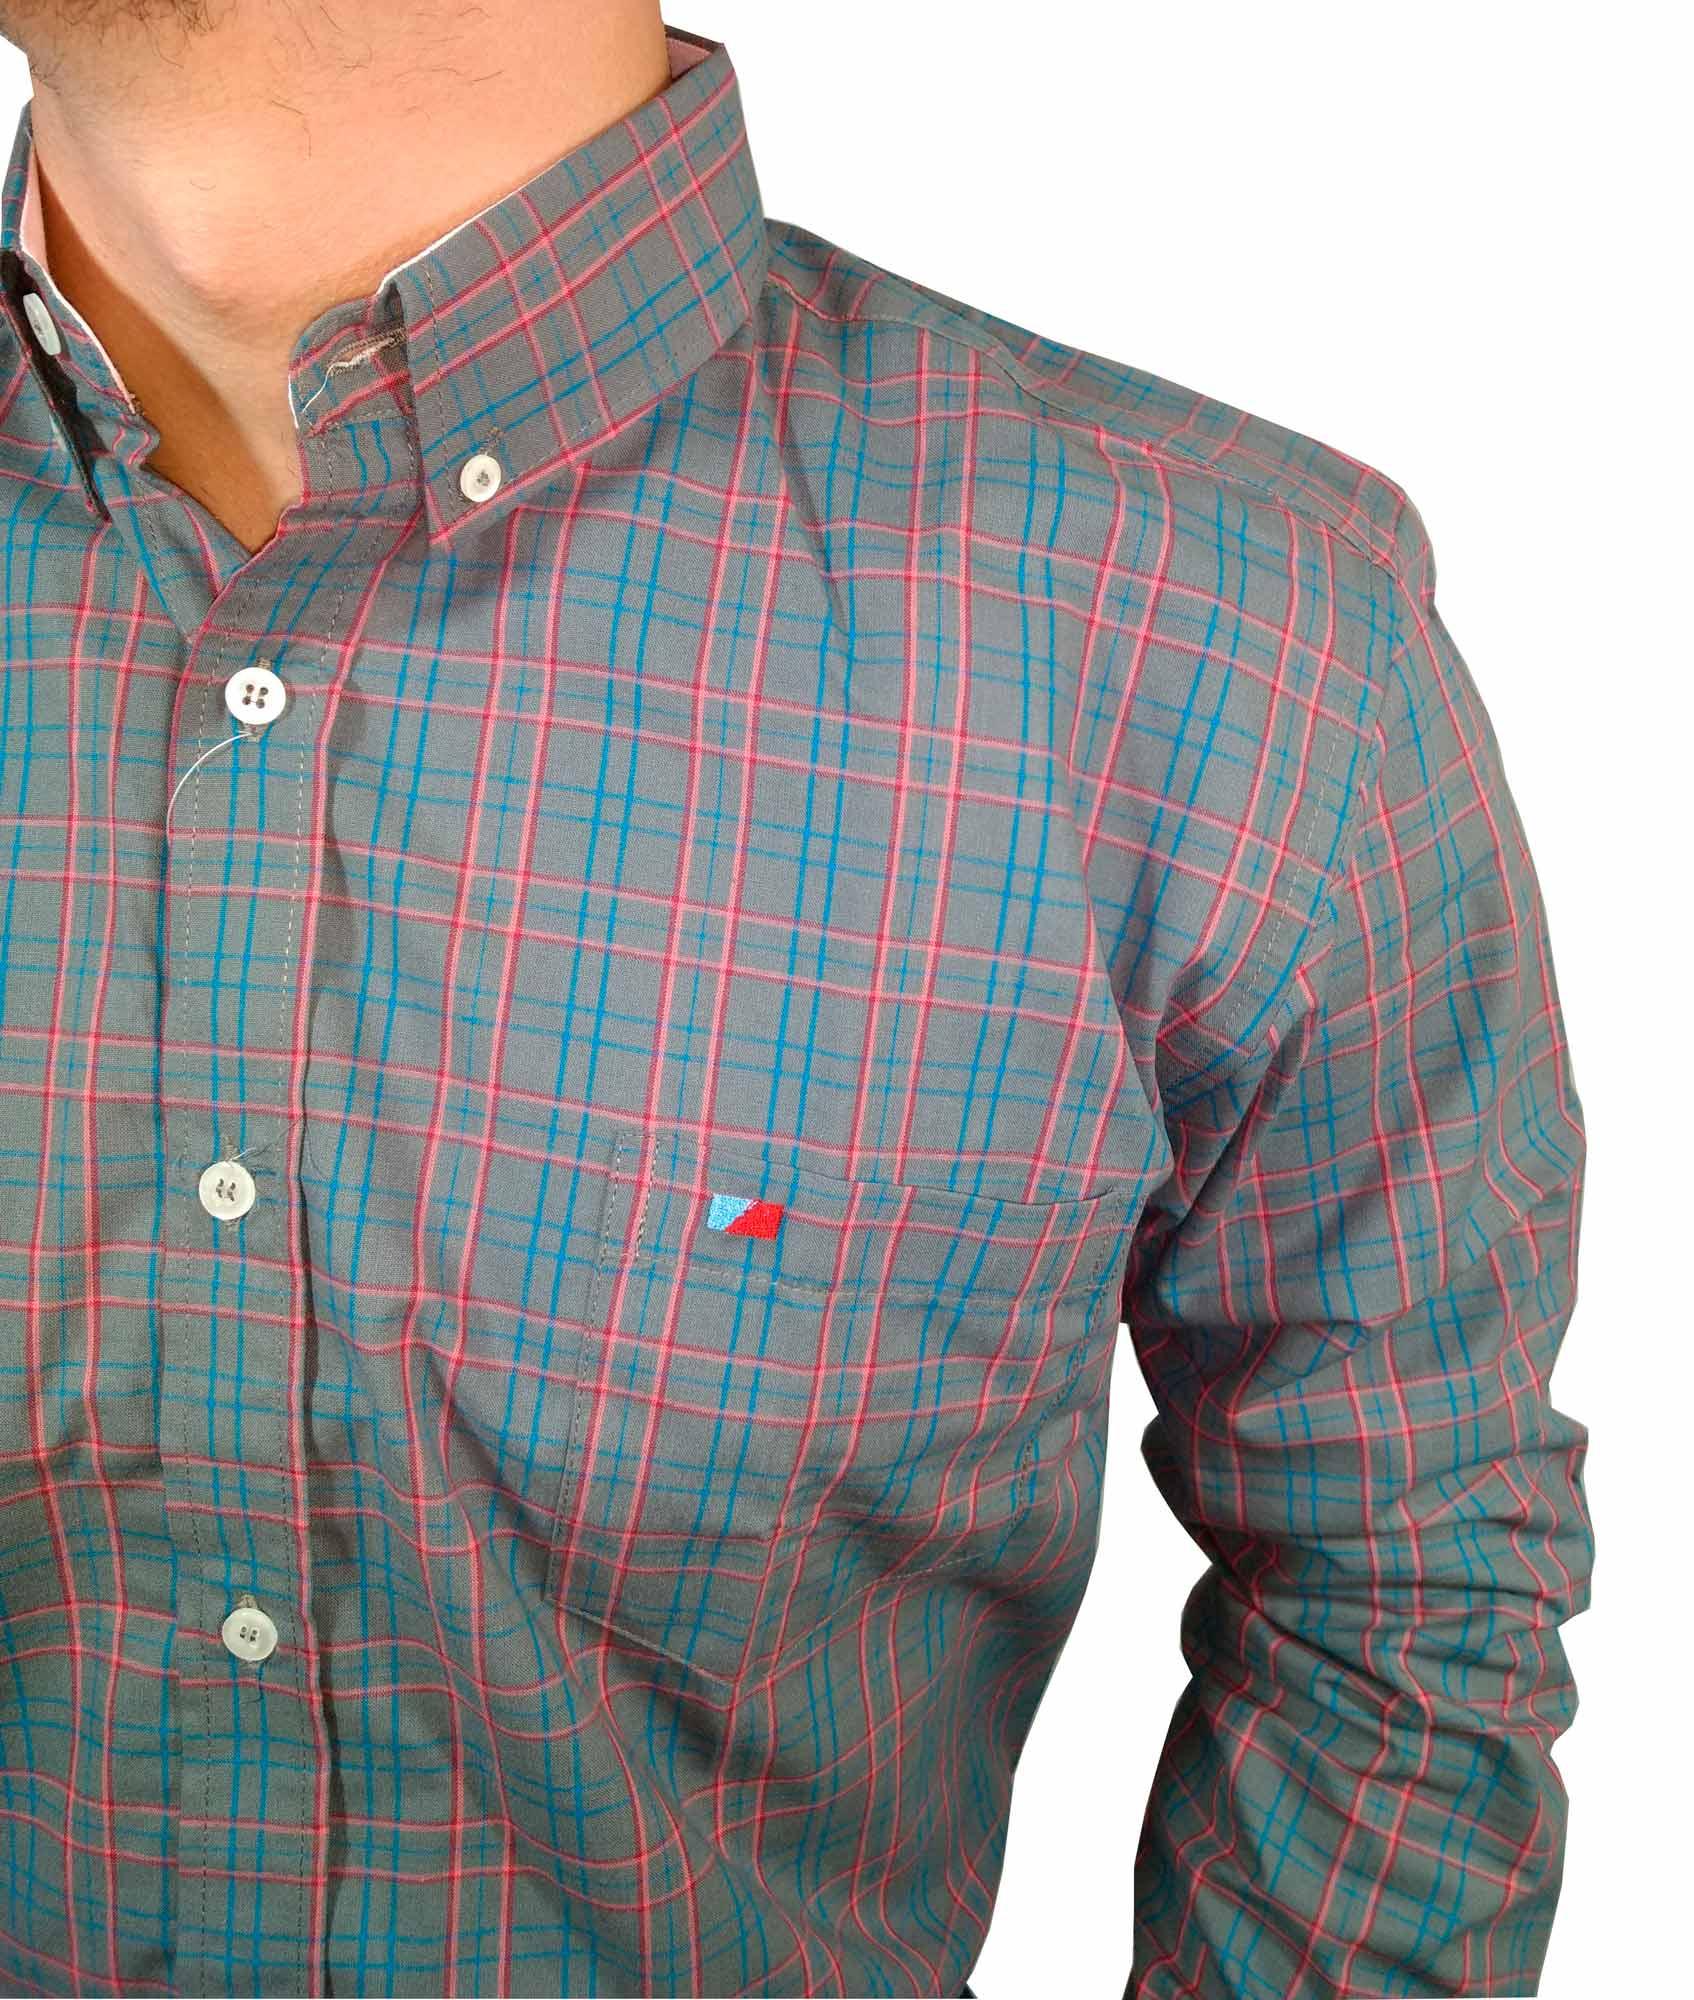 Camisa Masculina Smith Brother's Xadrez Cinza e Rosa Ref. 11395